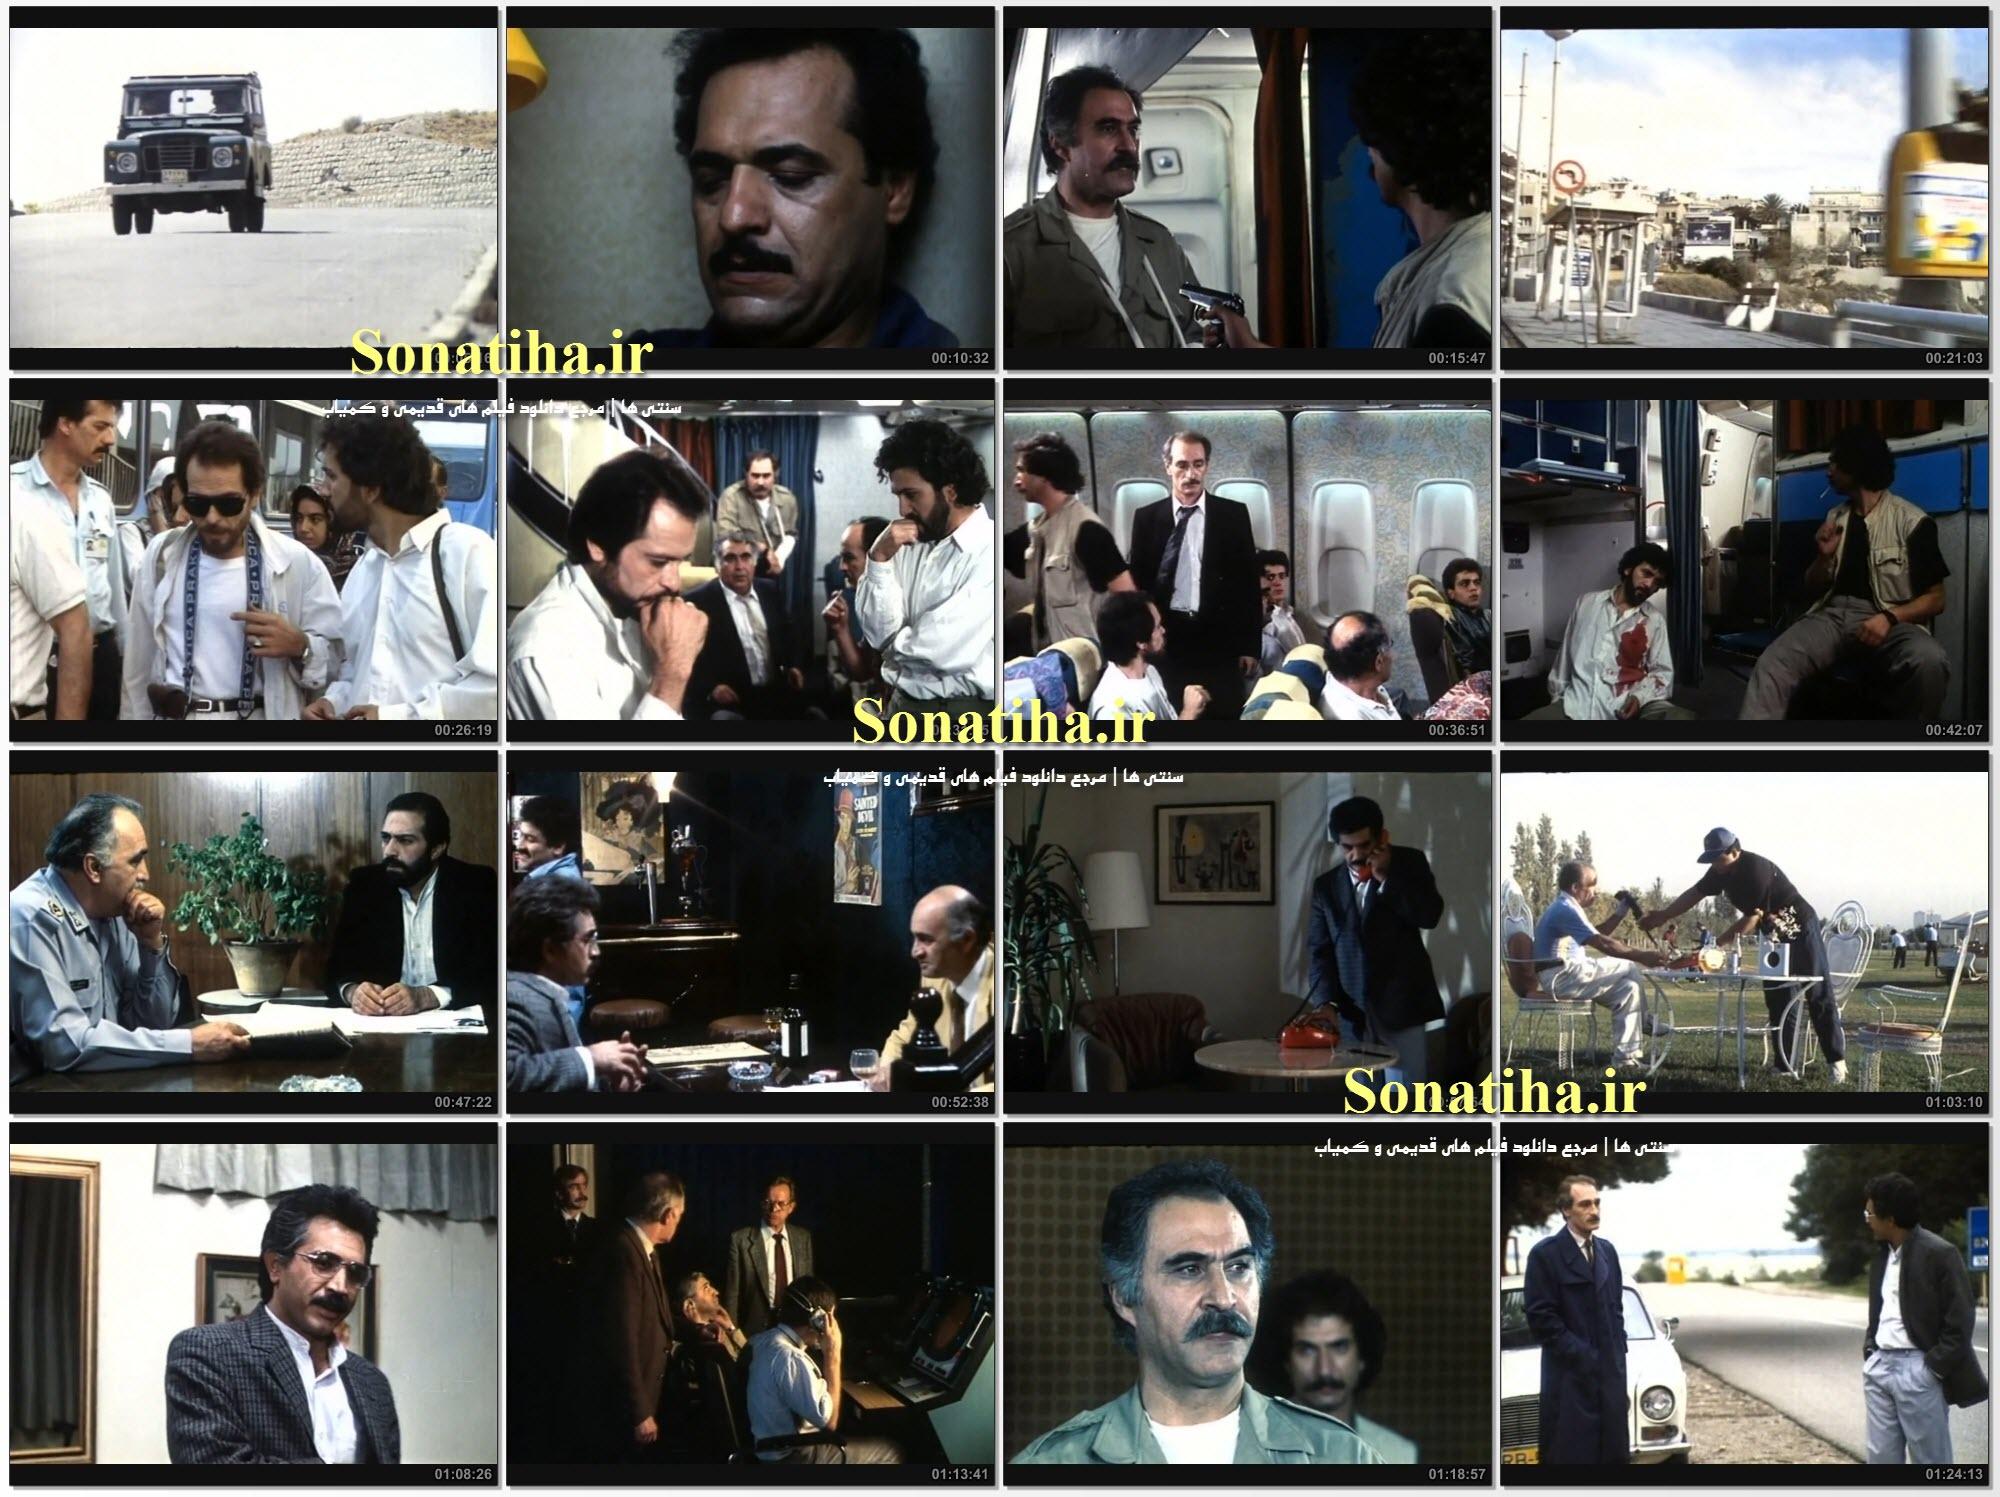 تصاویری از فیلم پرواز پنجم ژوئن